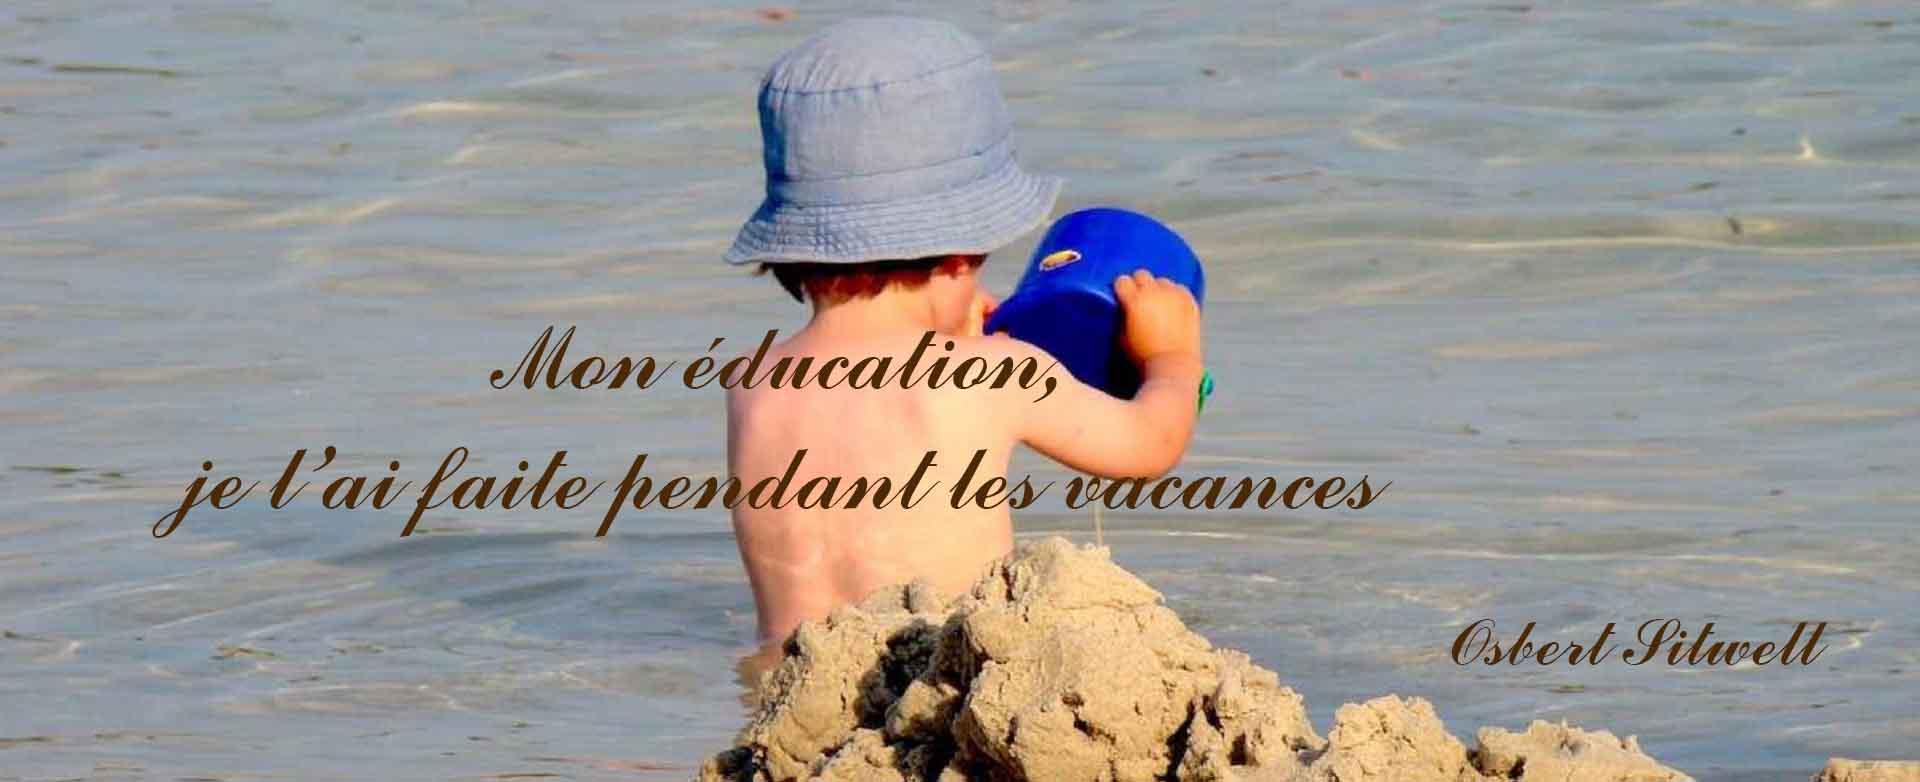 8 juillet: Bonnes Vacances d'été